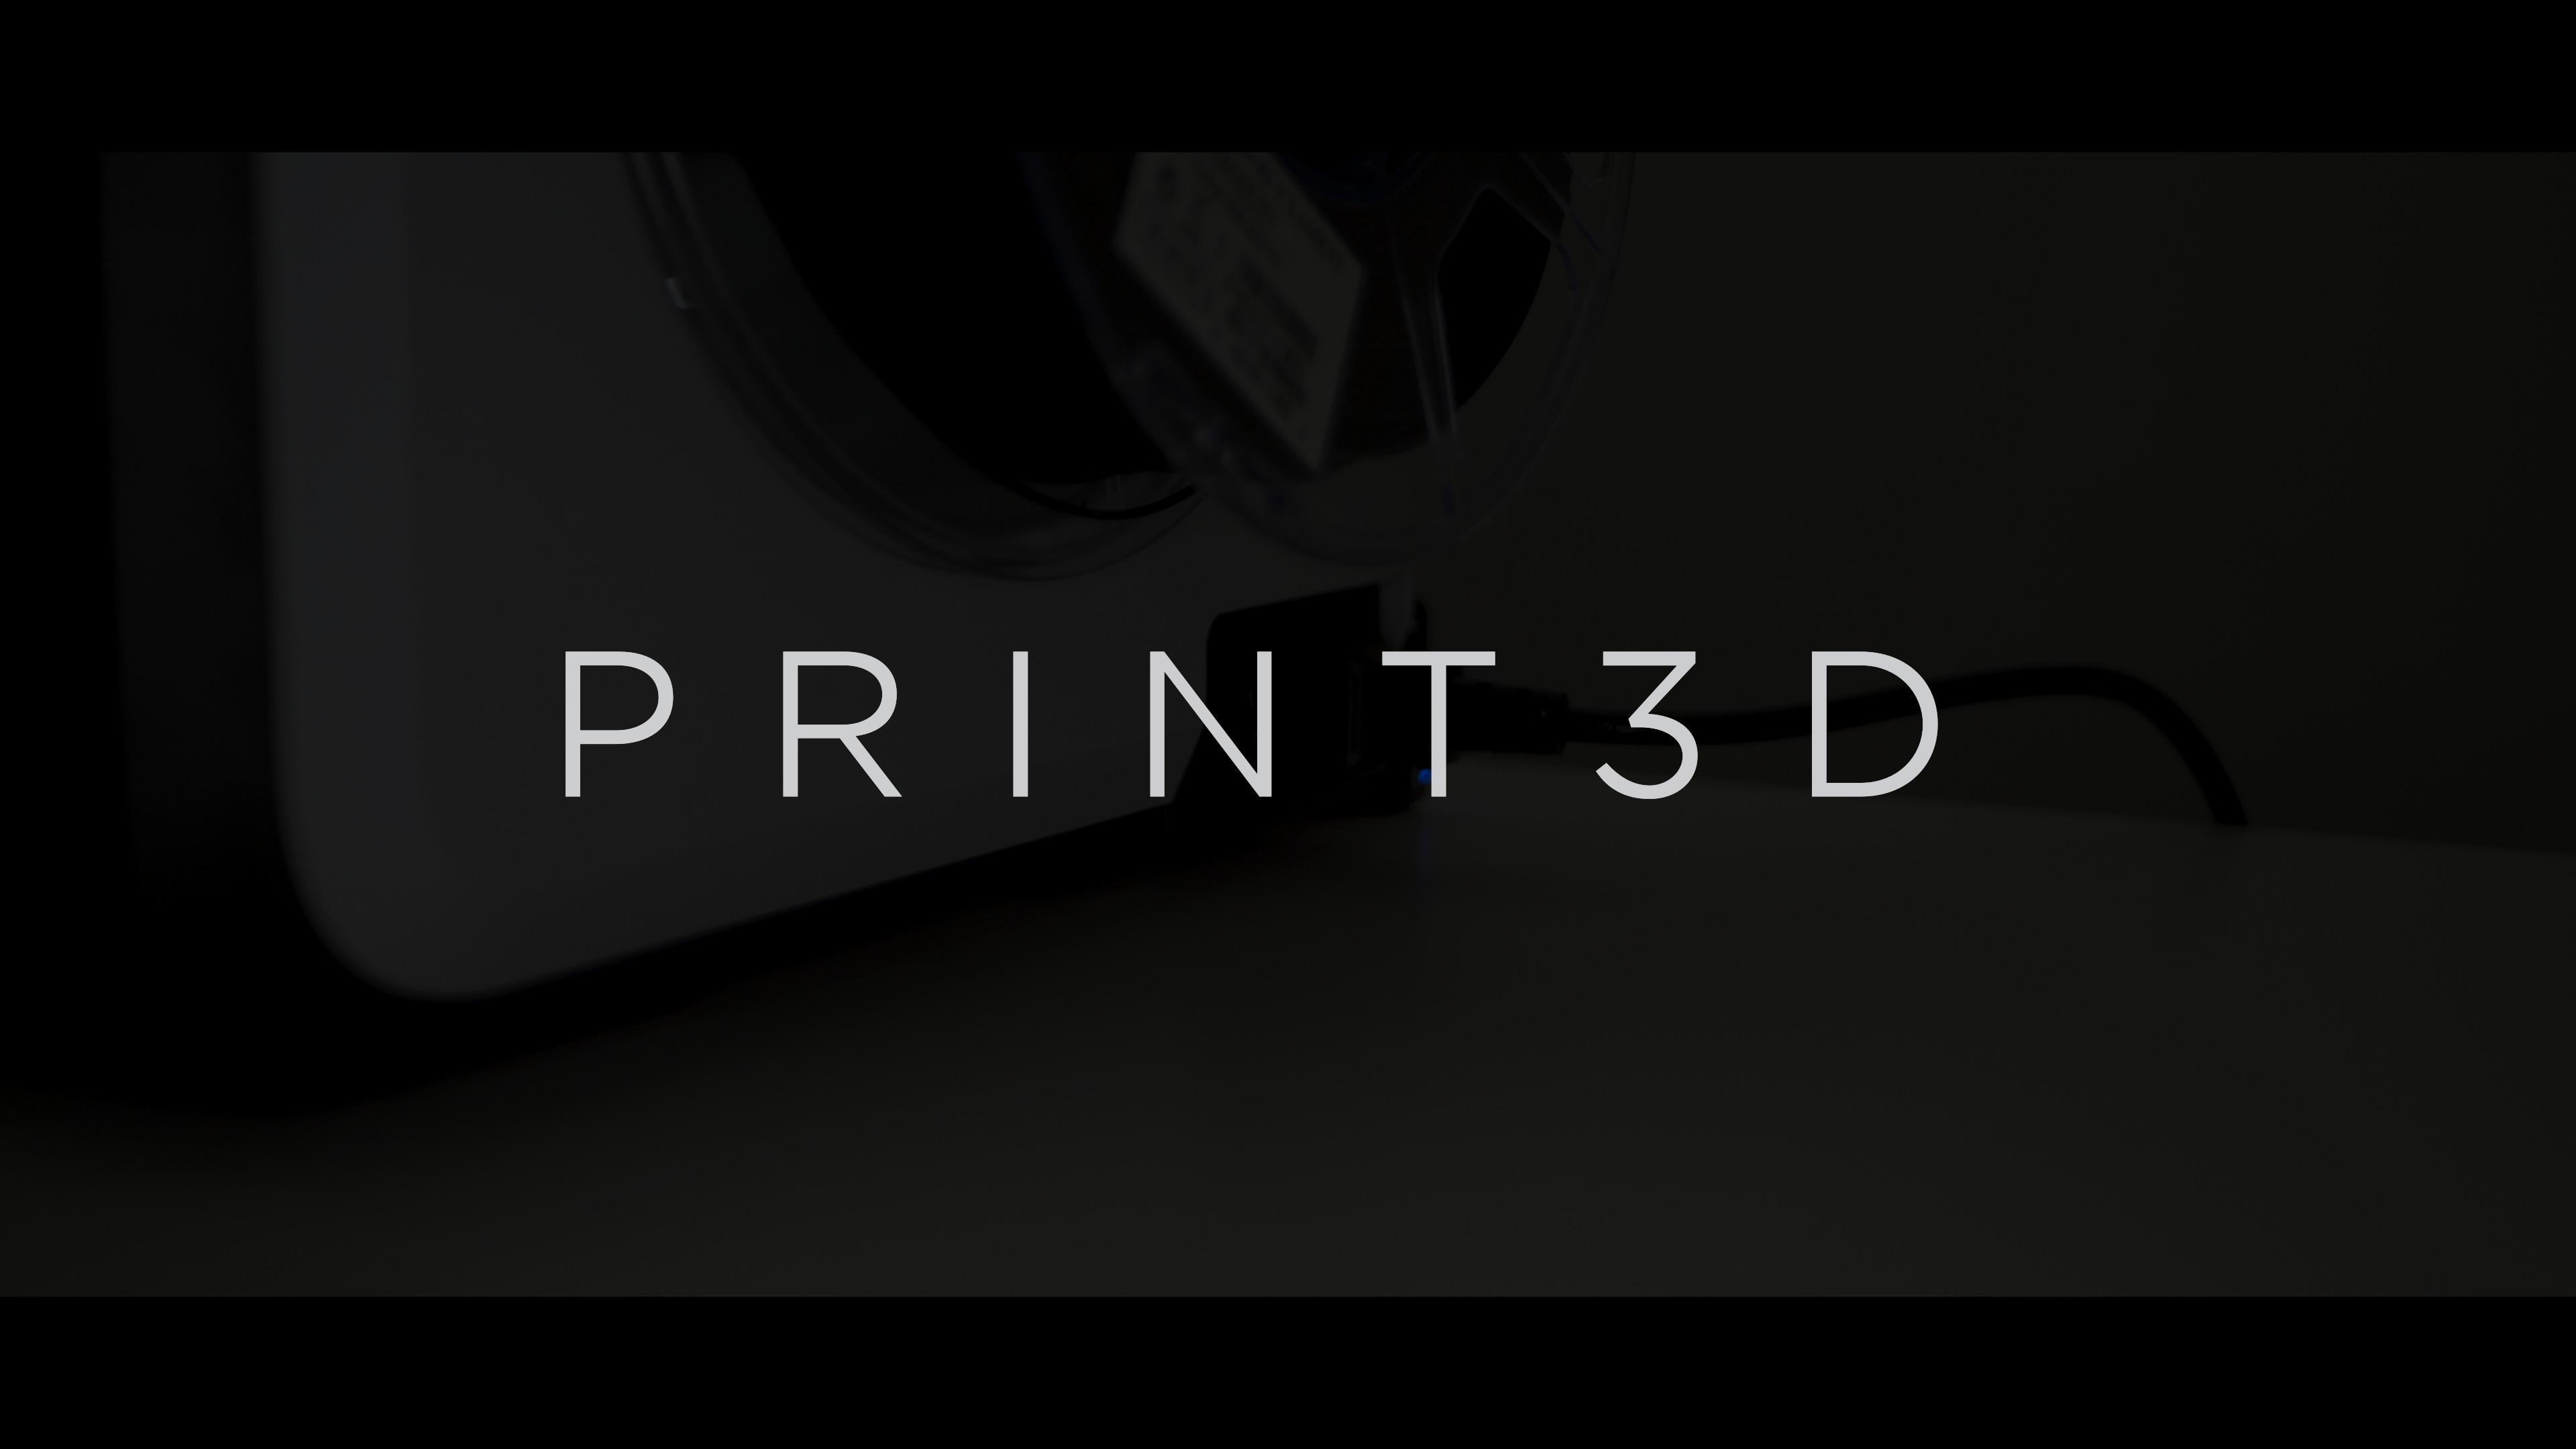 PRINT3D | My RØDE Reel 2020